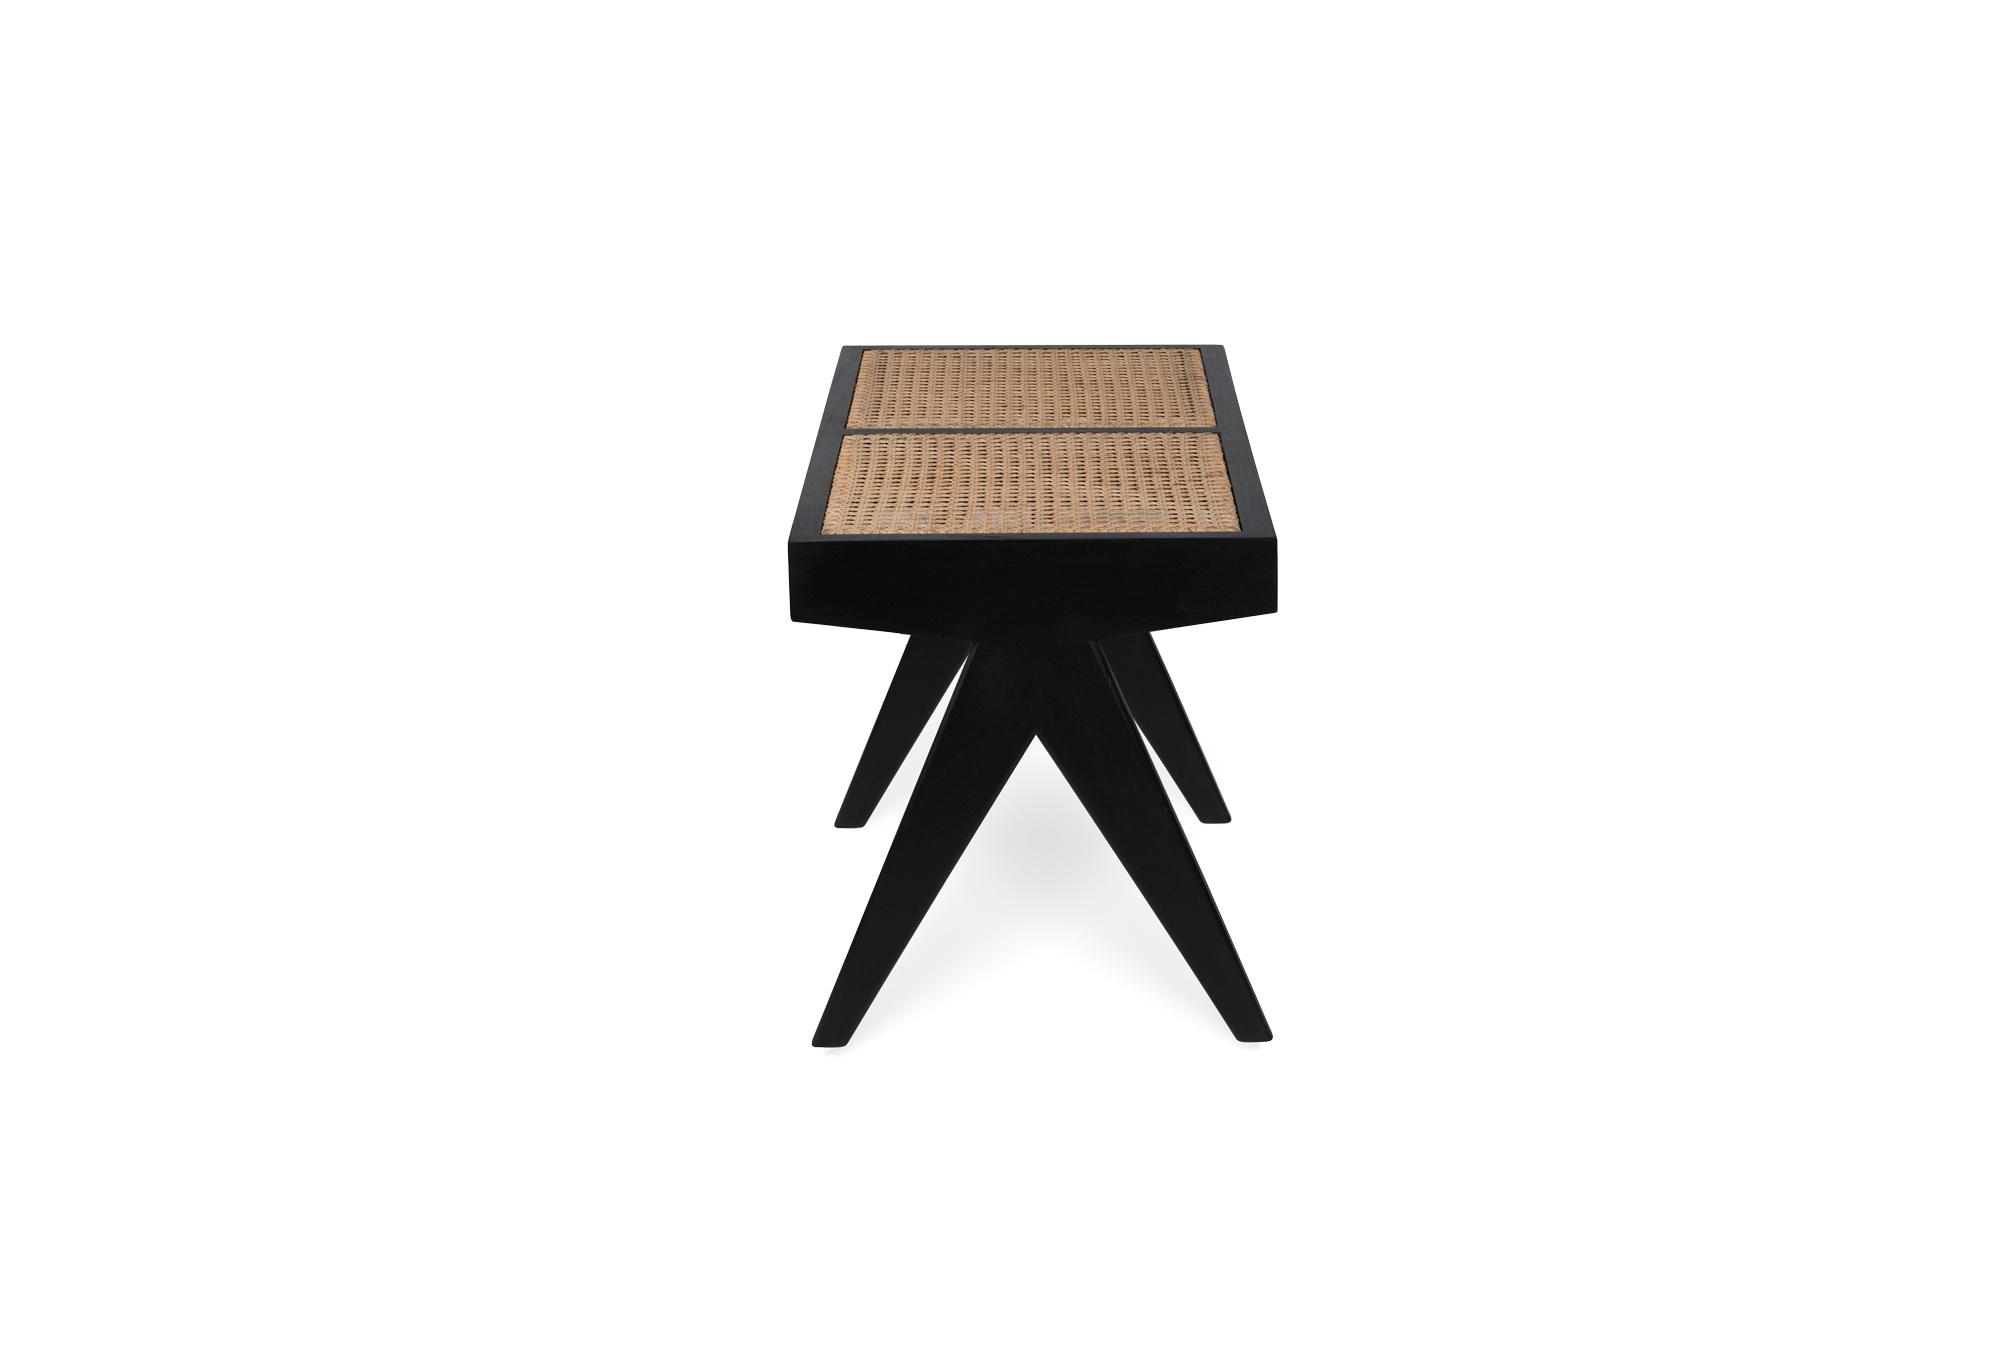 Bench / B.T.H. Flats 2 - Charcoal Black-3